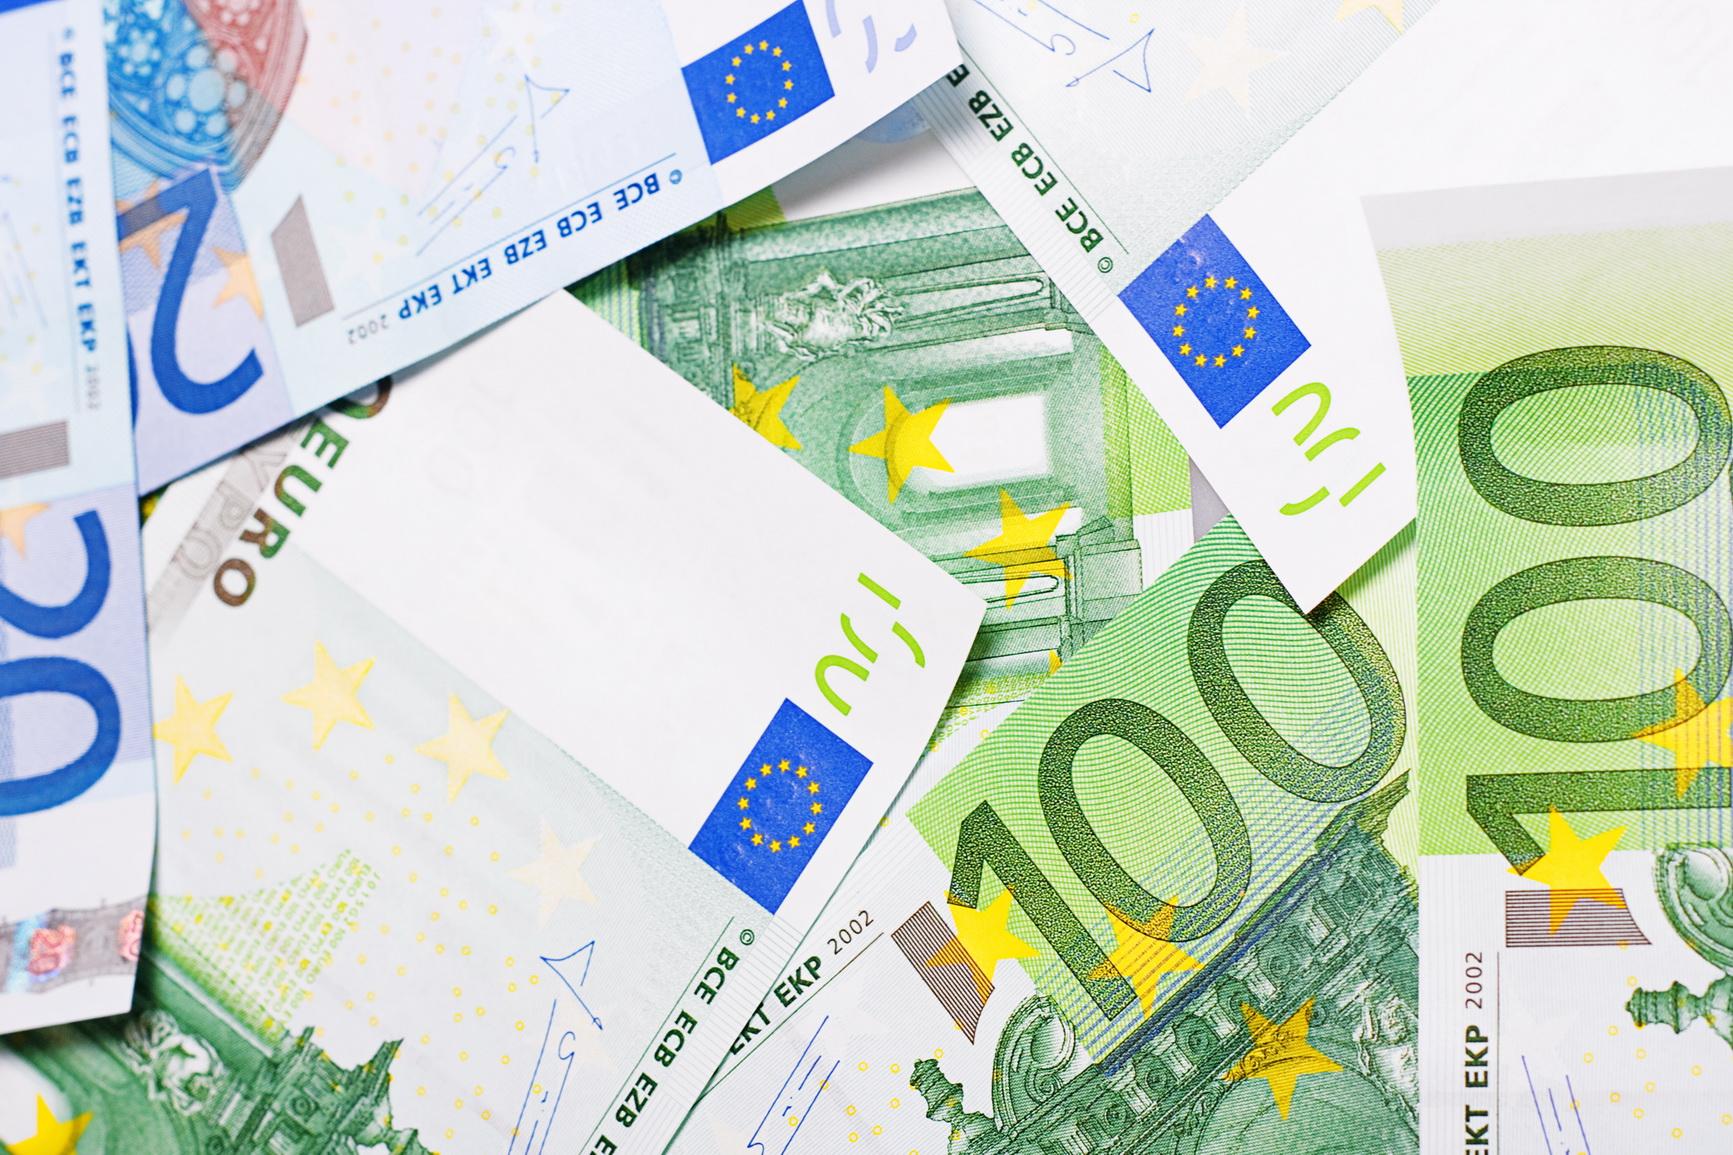 Billetes de euro. Se han tenido que tomar medidas con la emisión de los billetes de 500 para evitar el blanqueo de capitales